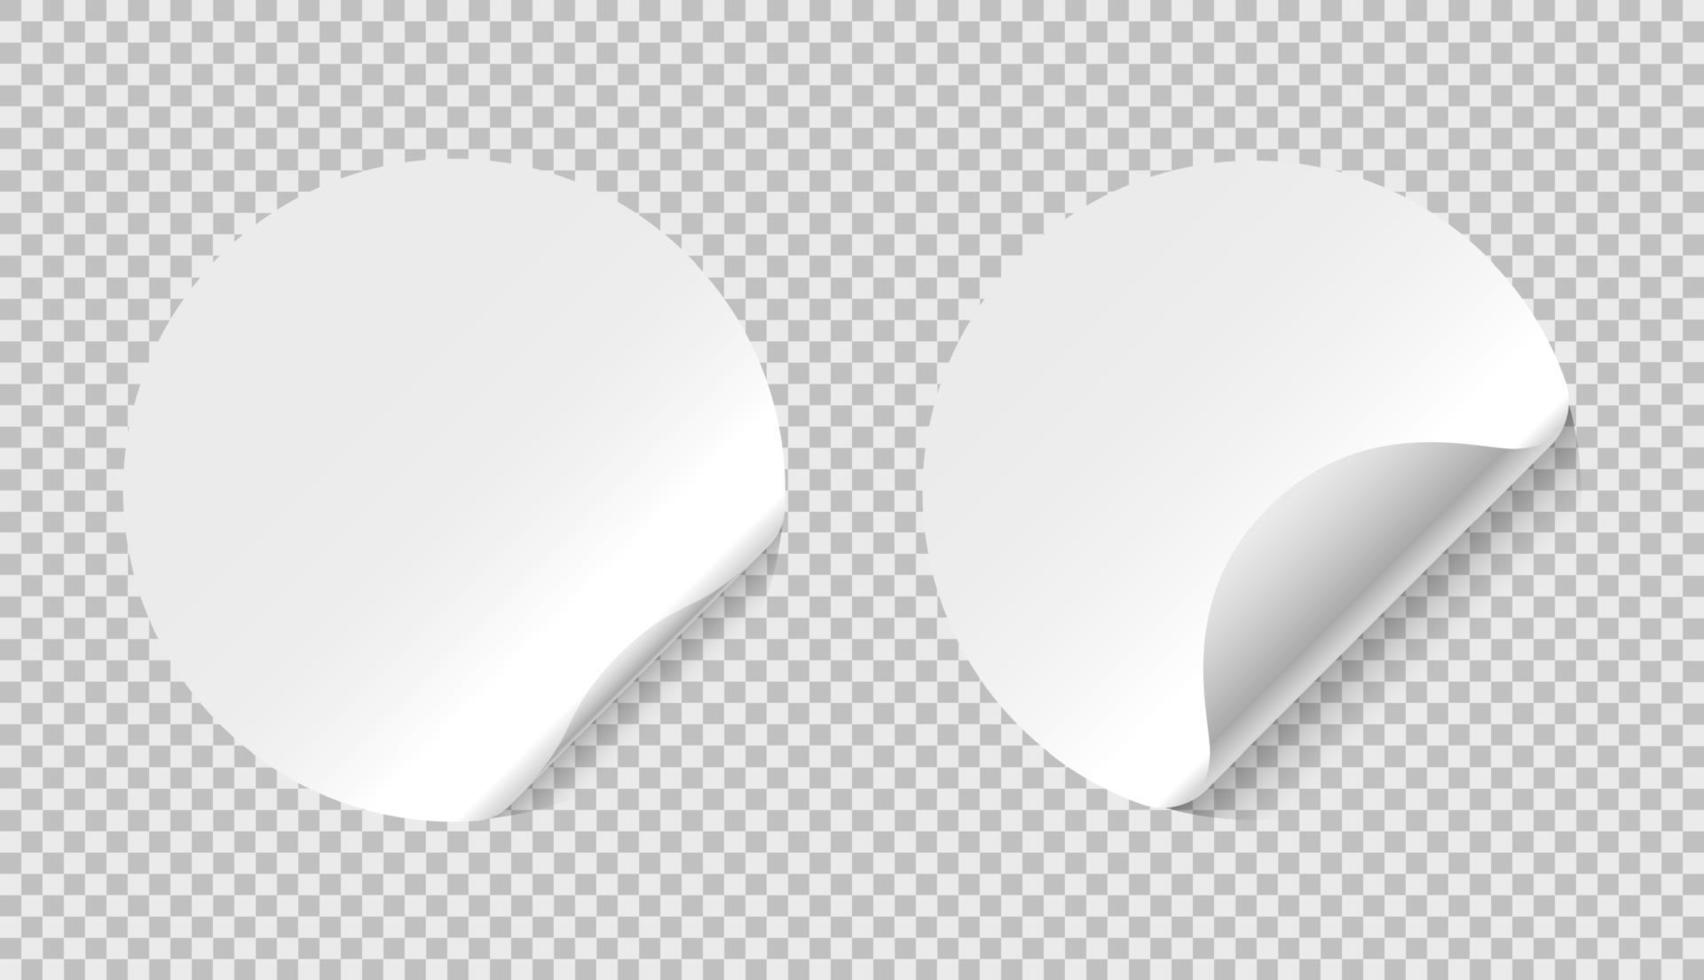 lege cirkel papieren sticker mockups geïsoleerd, vectorillustratie vector